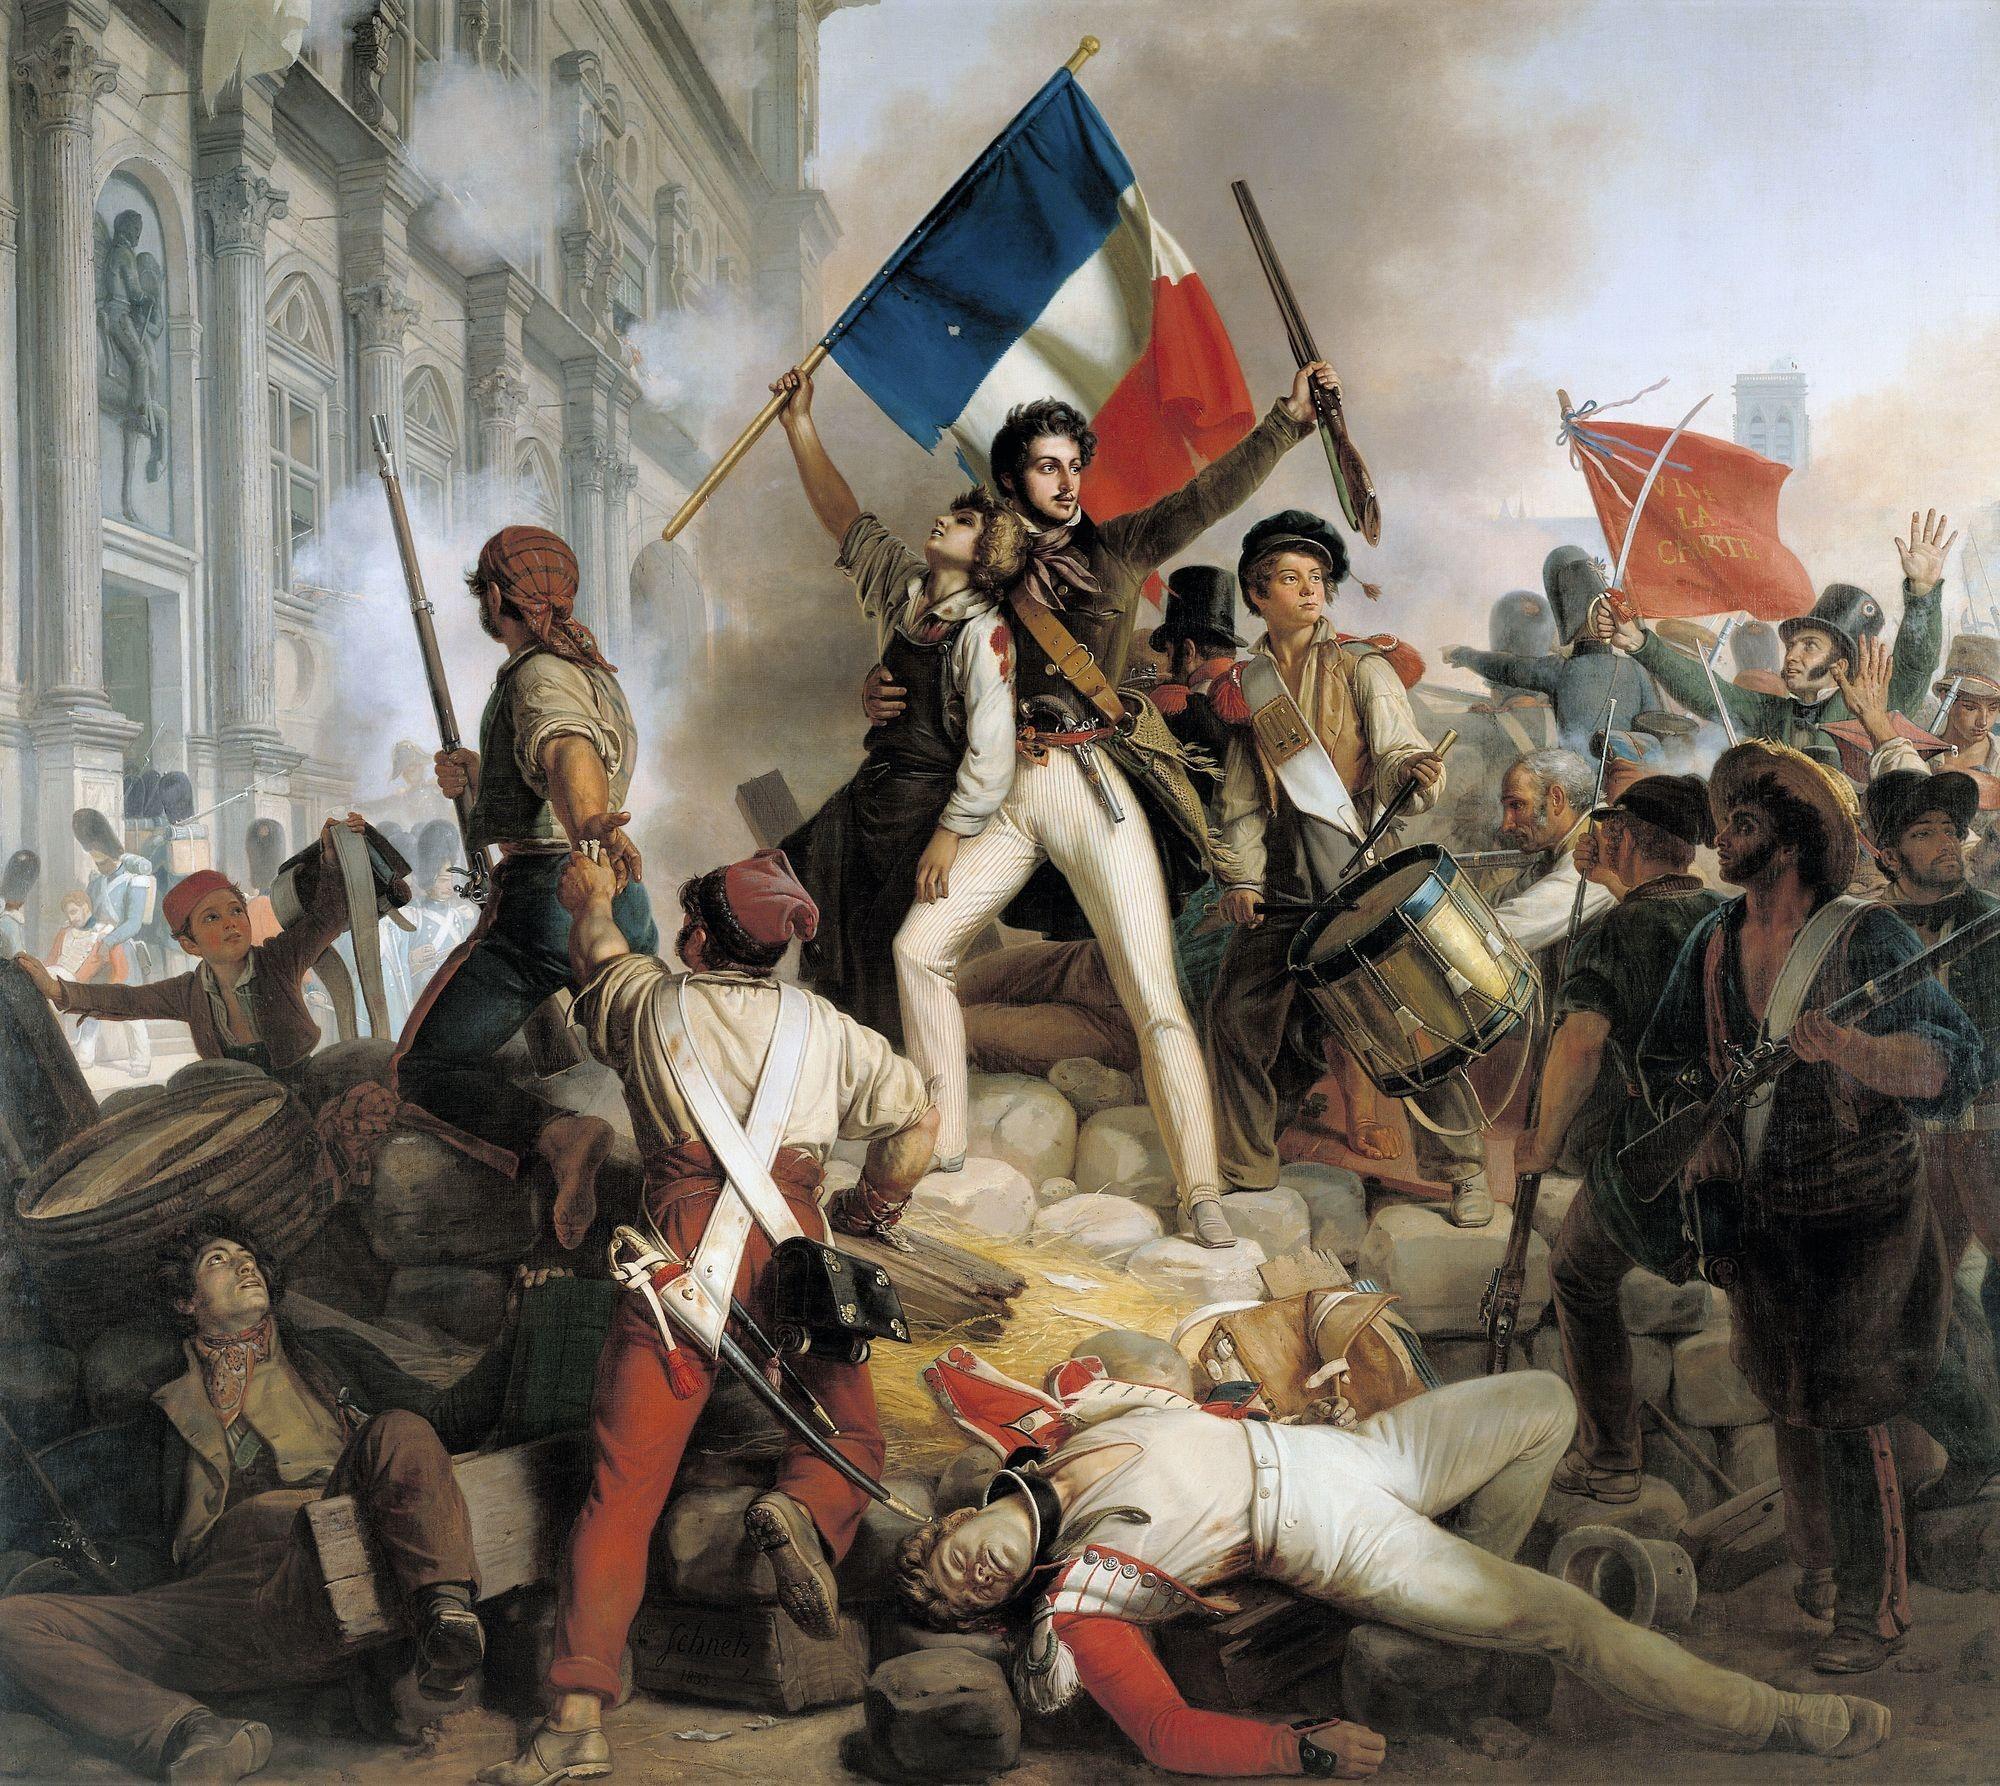 Jean-Victor Schnetz, Combats devant l'Hôtel de Ville, 1833, huile sur toile (détail), 48 x 50 cm, musée du Petit Palais, Paris.